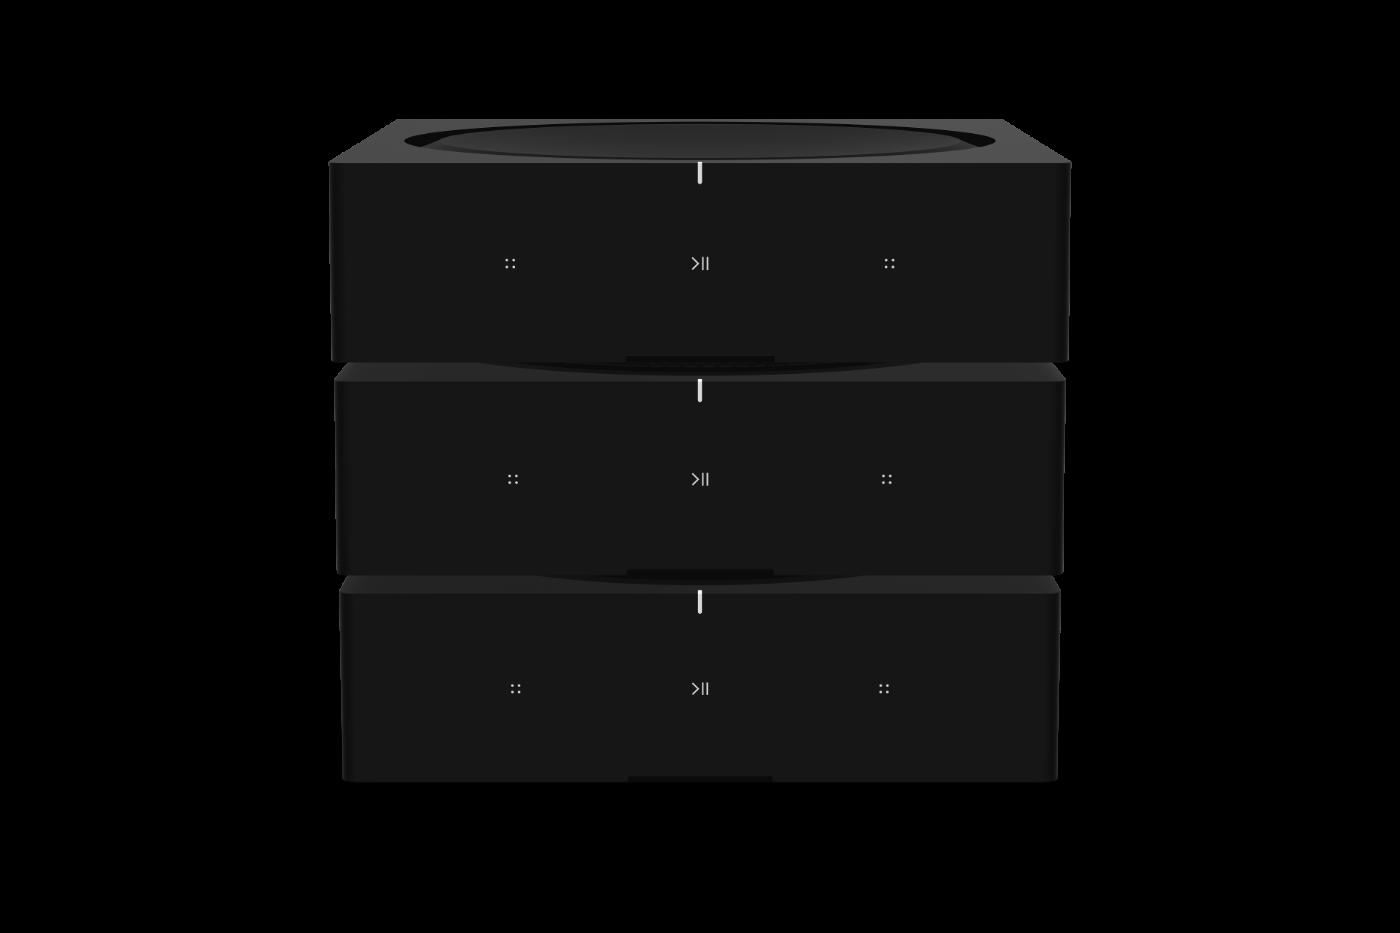 Amp-Product-Render-Front-Stacked-Q1FY19_EN-US_ART_fid4369